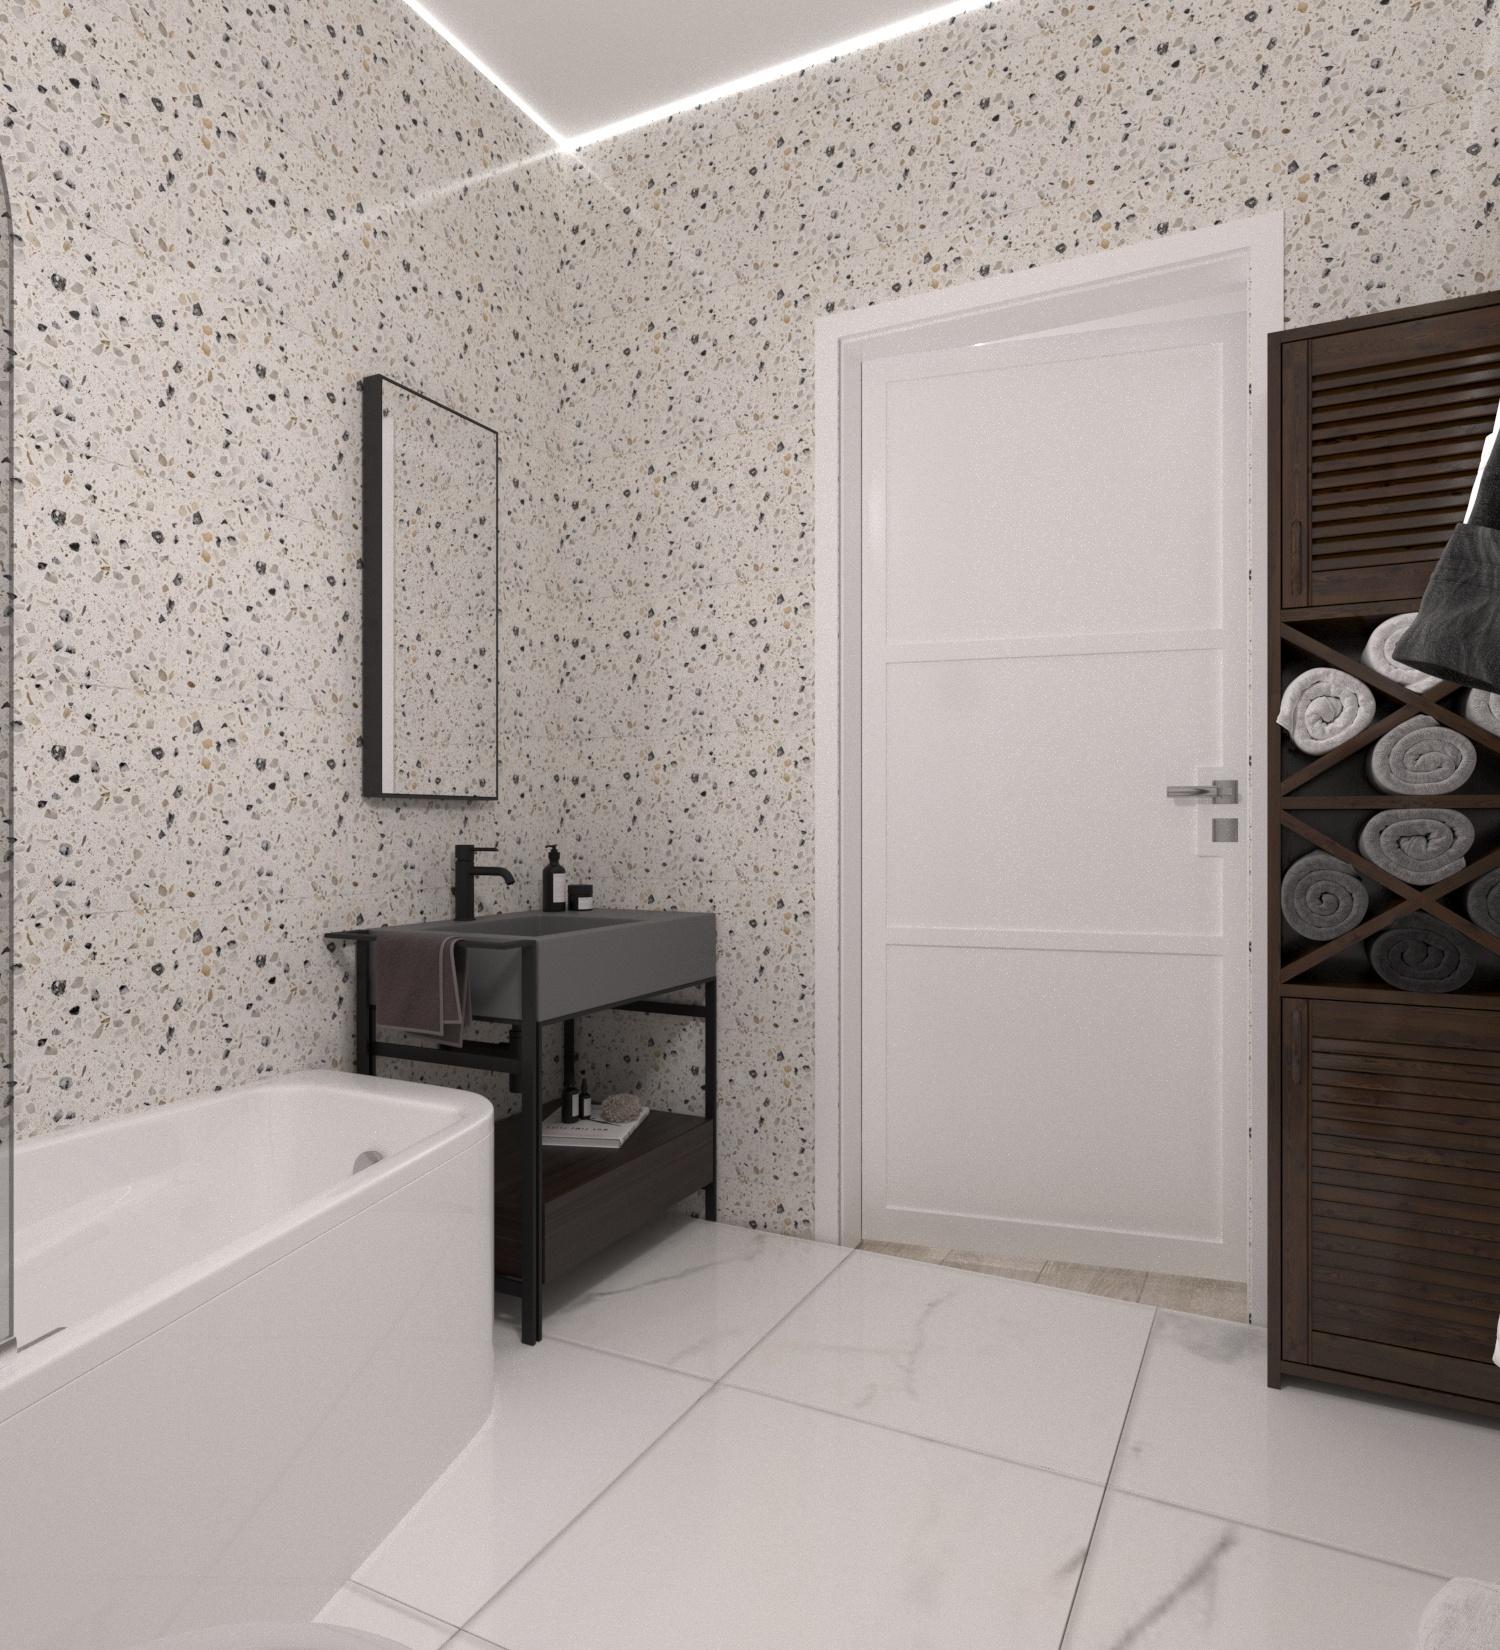 Проект квартири 47,5 кв.м по вул. Проскуровського Підпілля 165а - фото 16